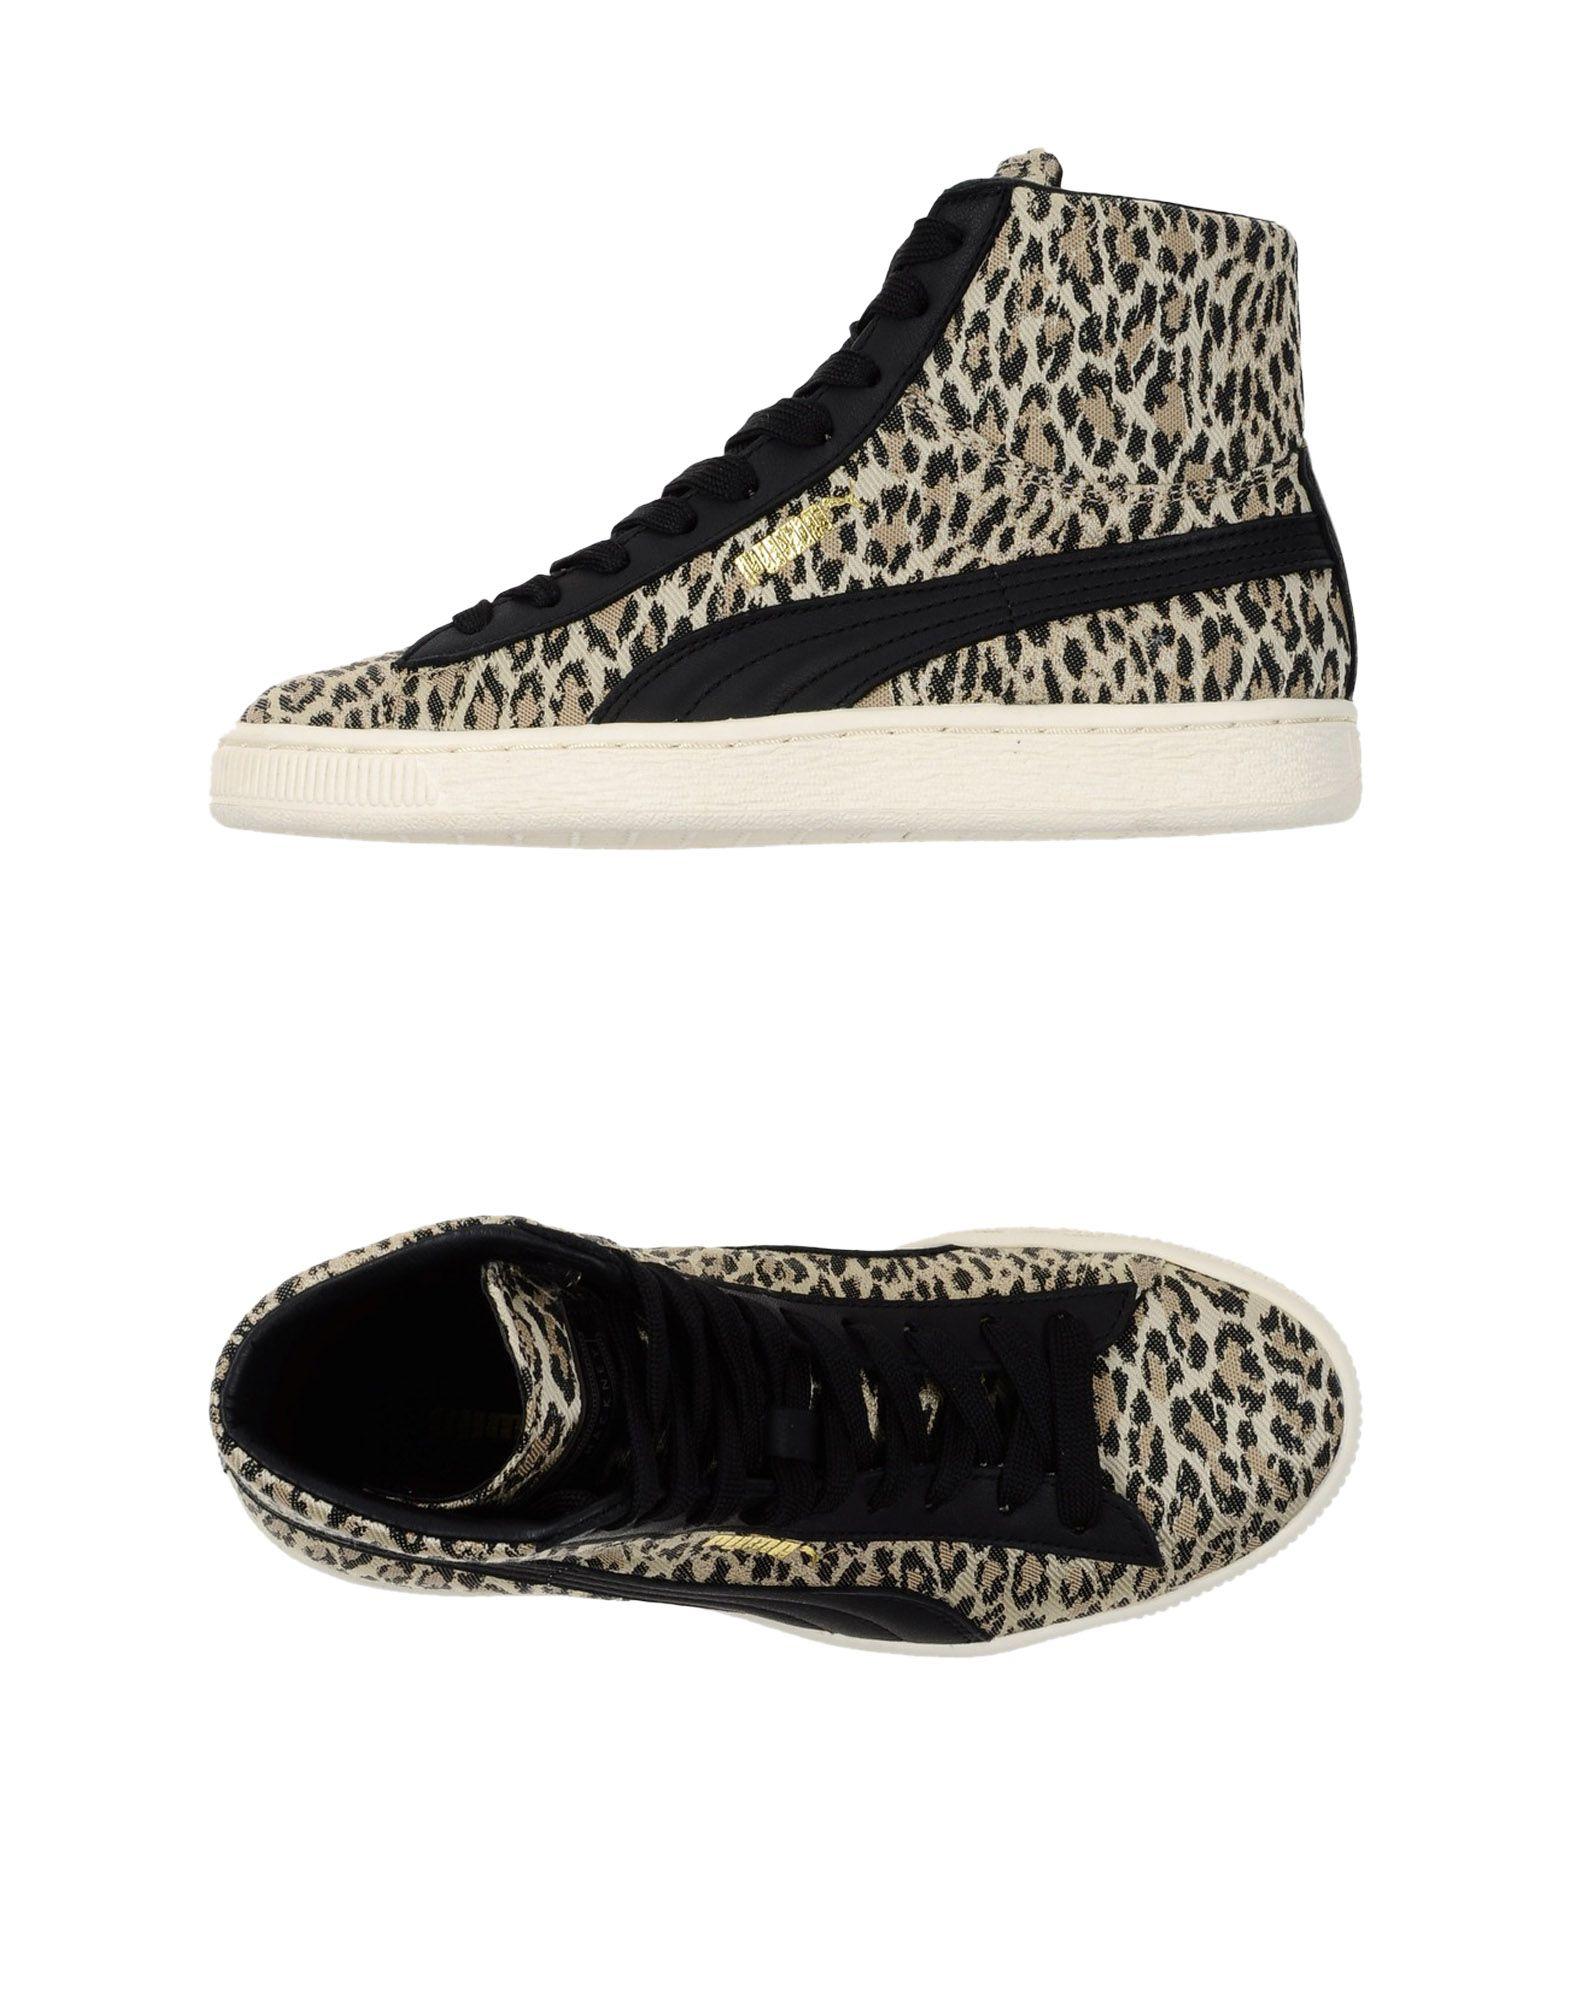 Scarpe Puma Leopardate